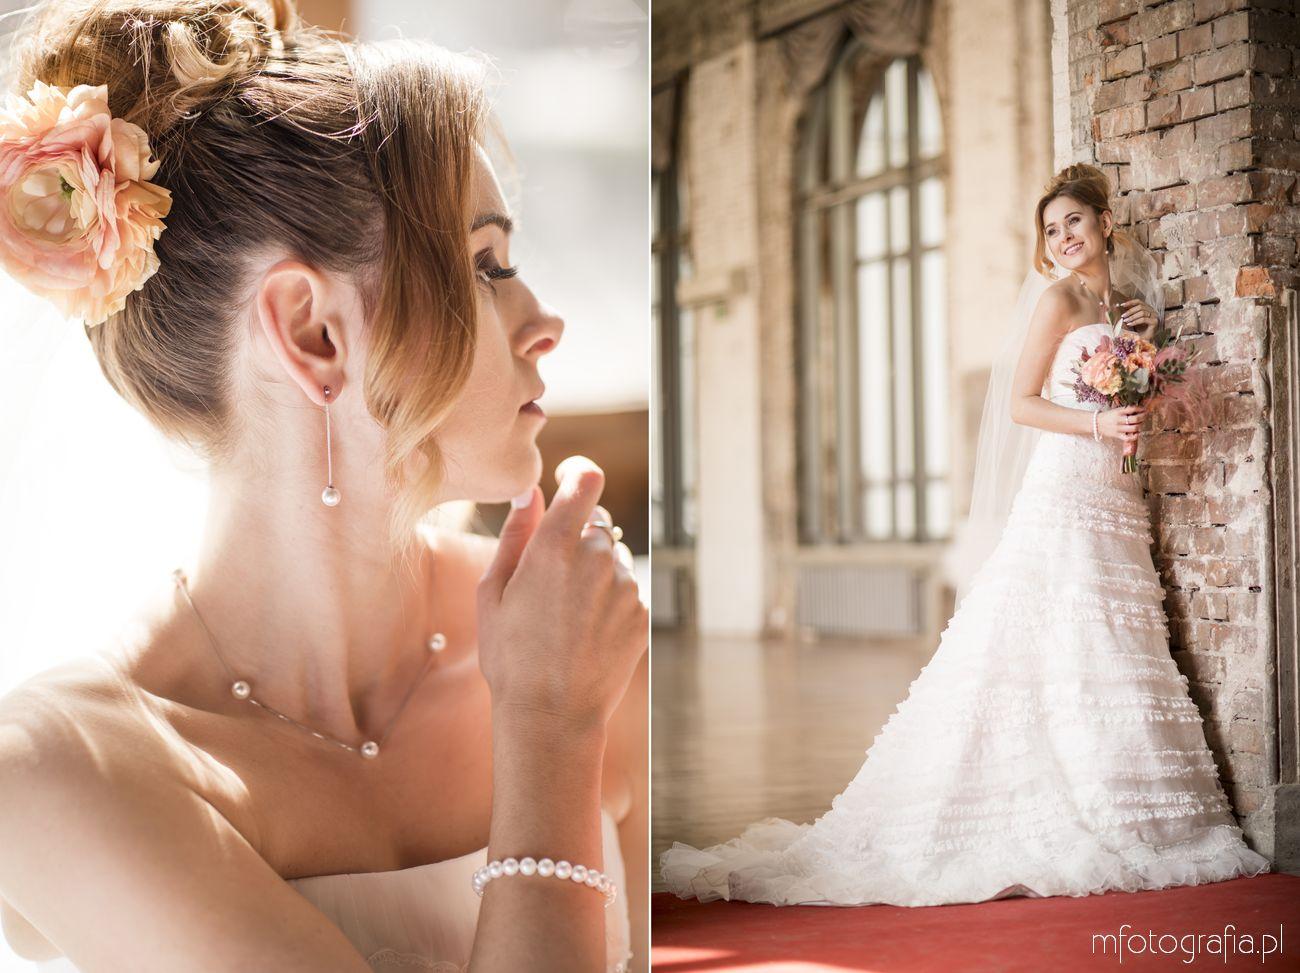 Portret Panny Młodej w biżuterii ślubnej z firmy aren jubiler